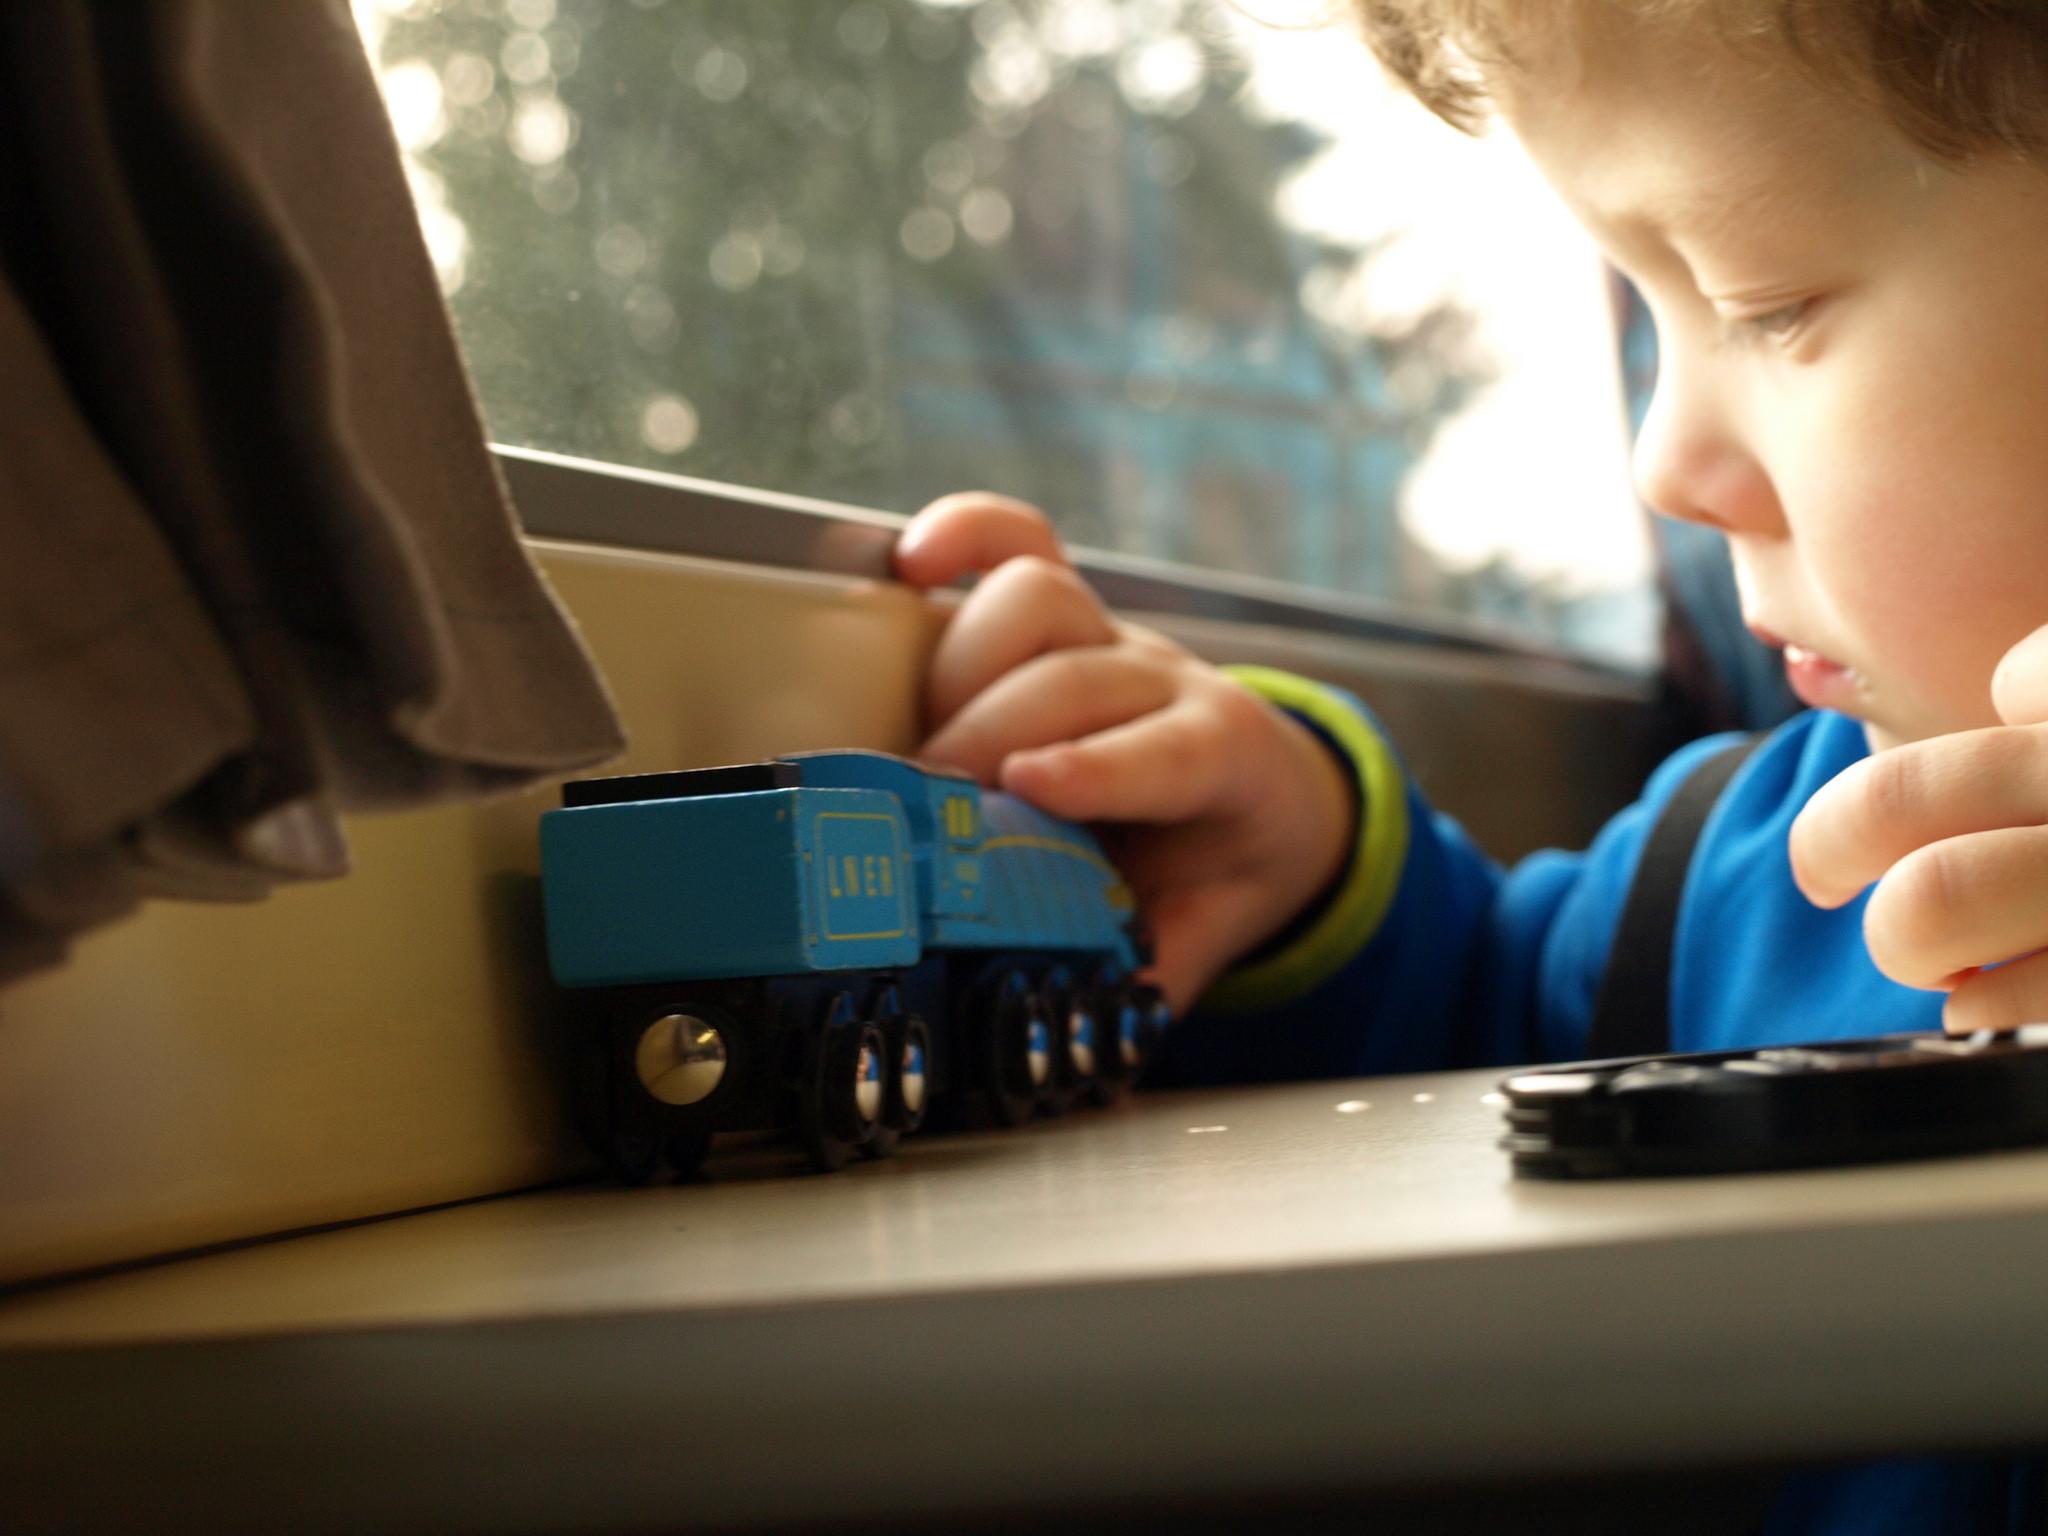 Vlak je skvělý na cesty s dětmi